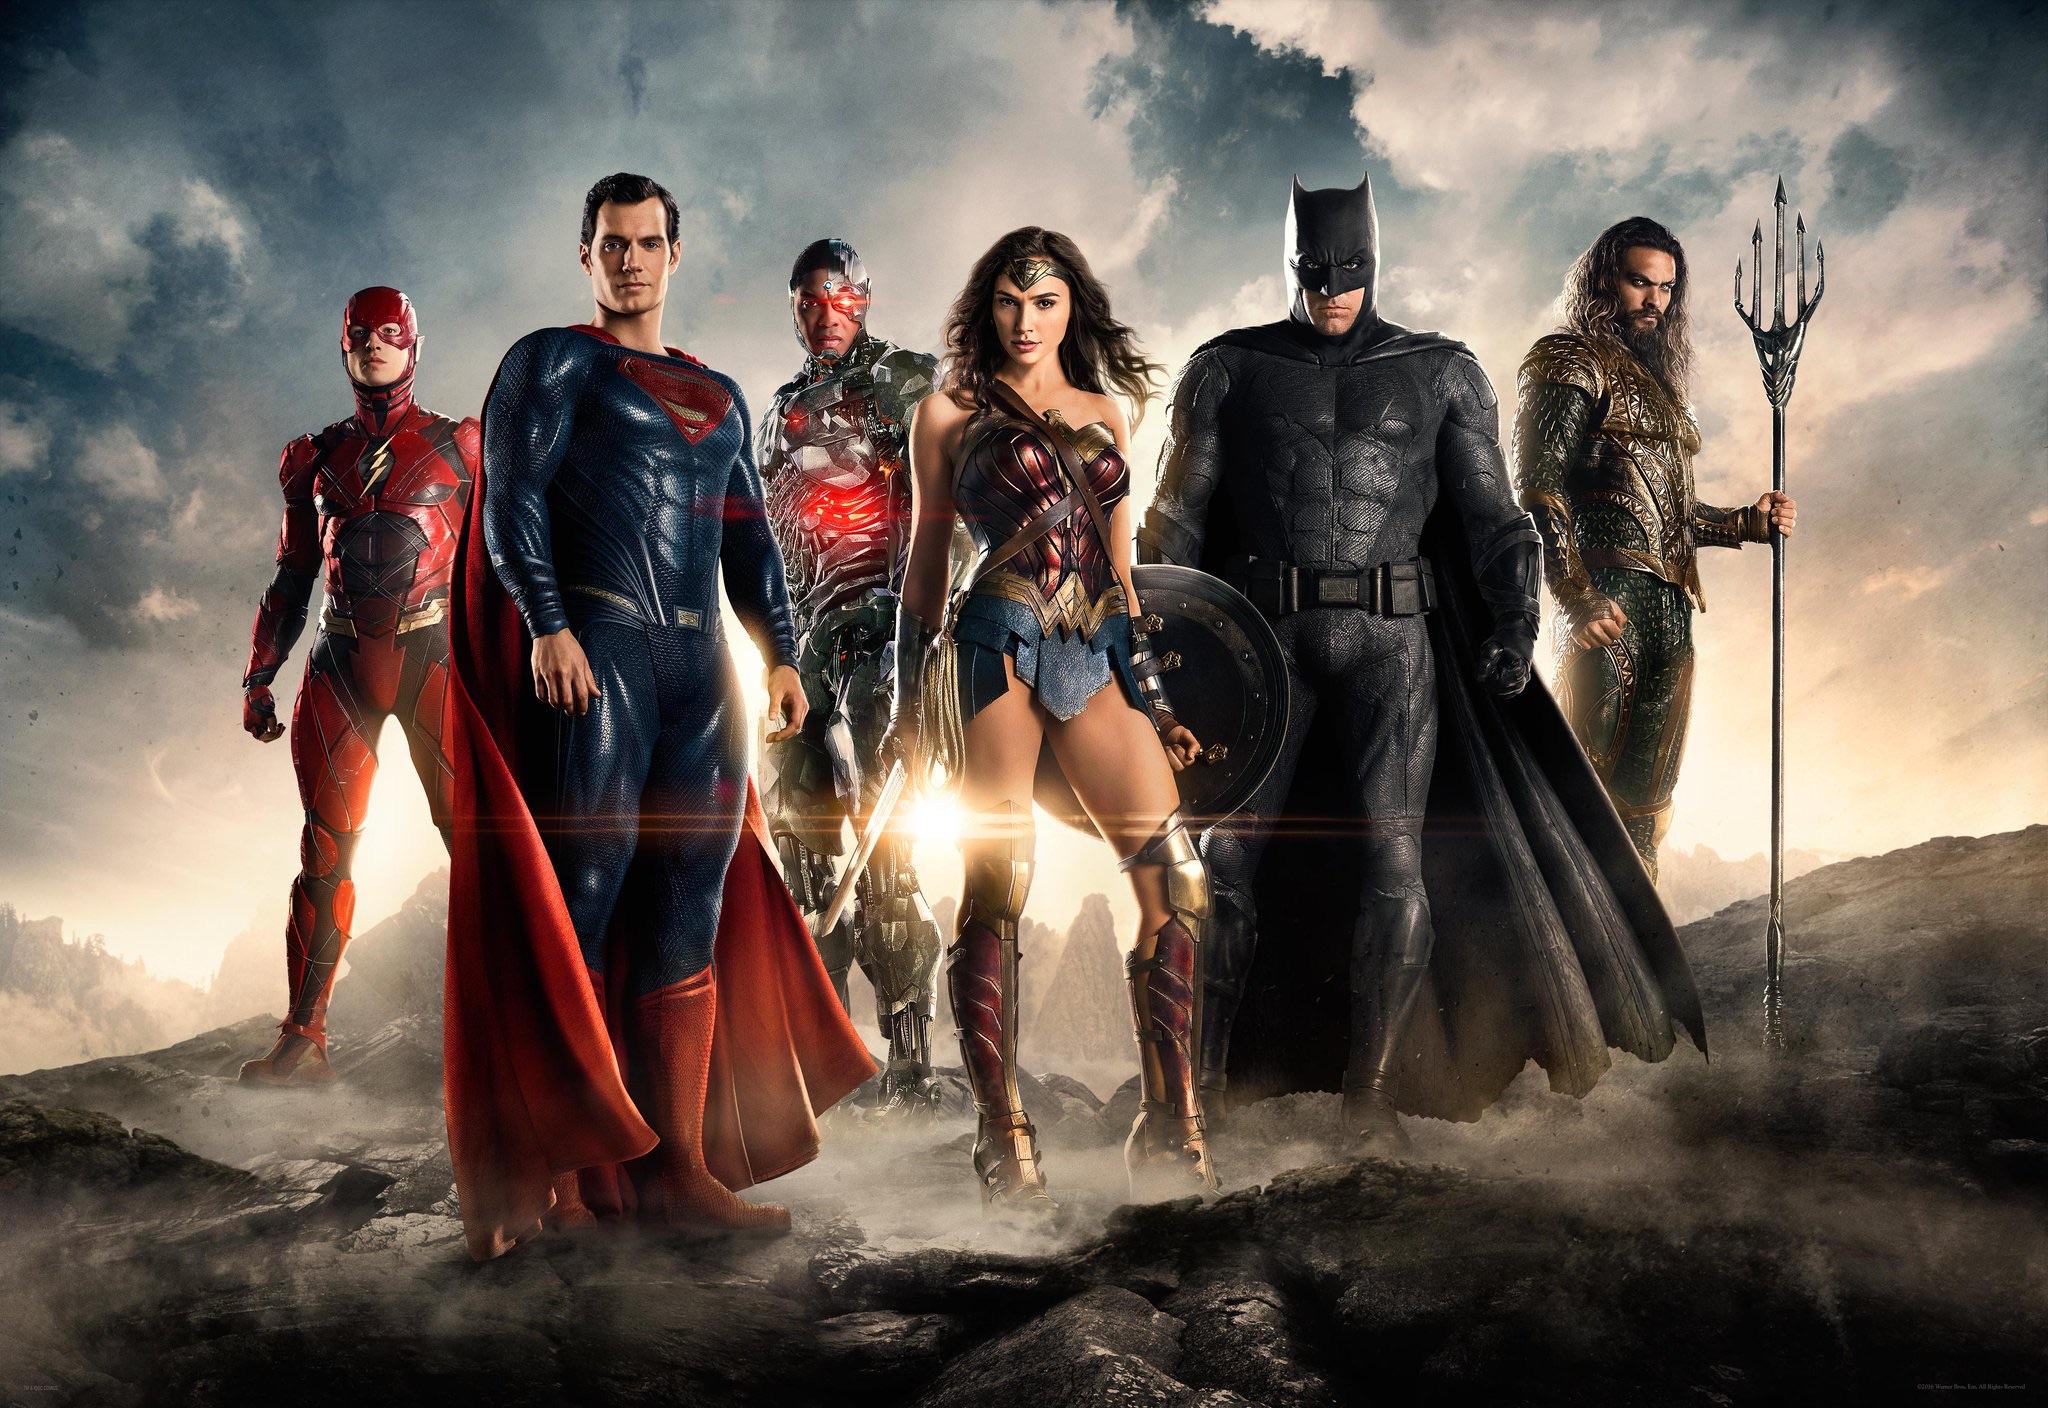 함께 공개된 첫 단체사진. 왼쪽부터 플래시(에즈라 밀러), 슈퍼맨(핸리 카빌), 사이보그(레이 피셔), 원더우먼(갤 가돗), 배트맨(벤 애플렉), 아쿠아맨(제이슨 모모아)